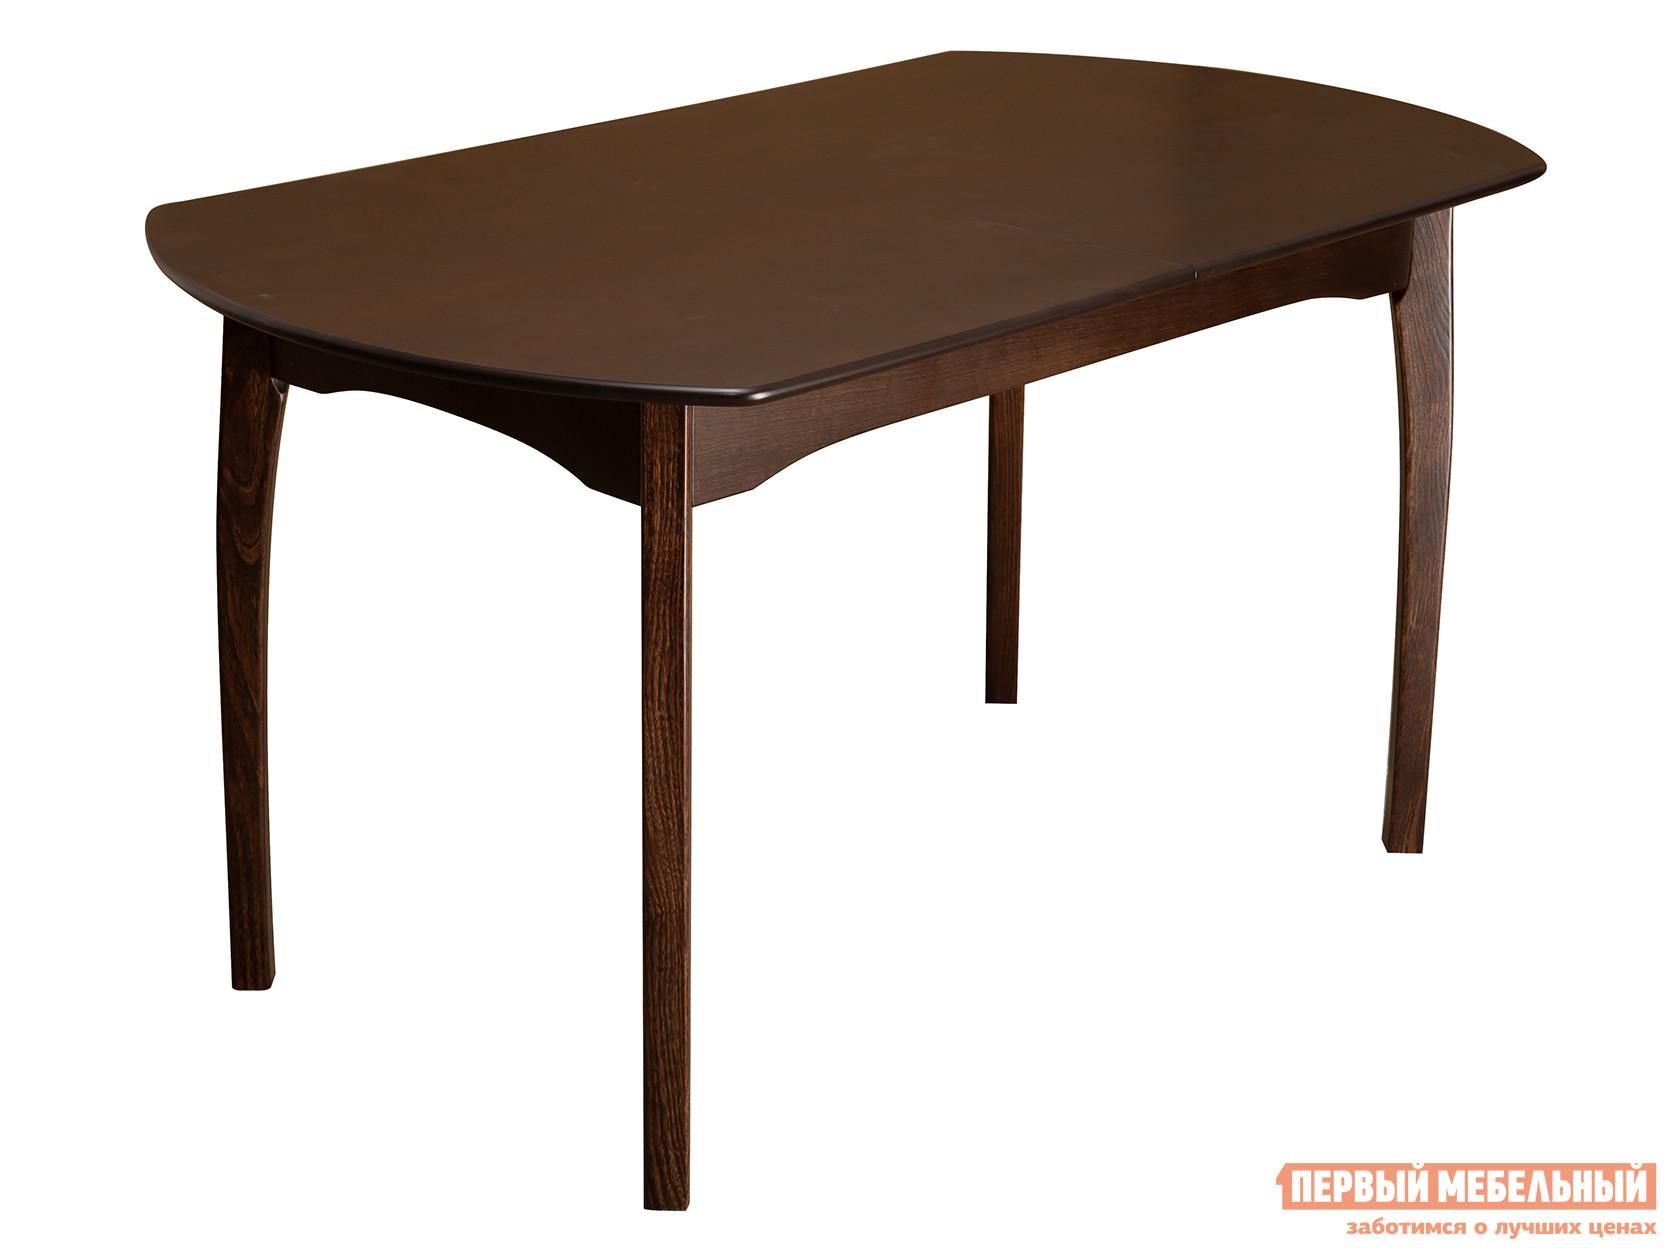 Обеденный стол Mebwill Стол Модерн-2 стол обеденный avanti mix 2